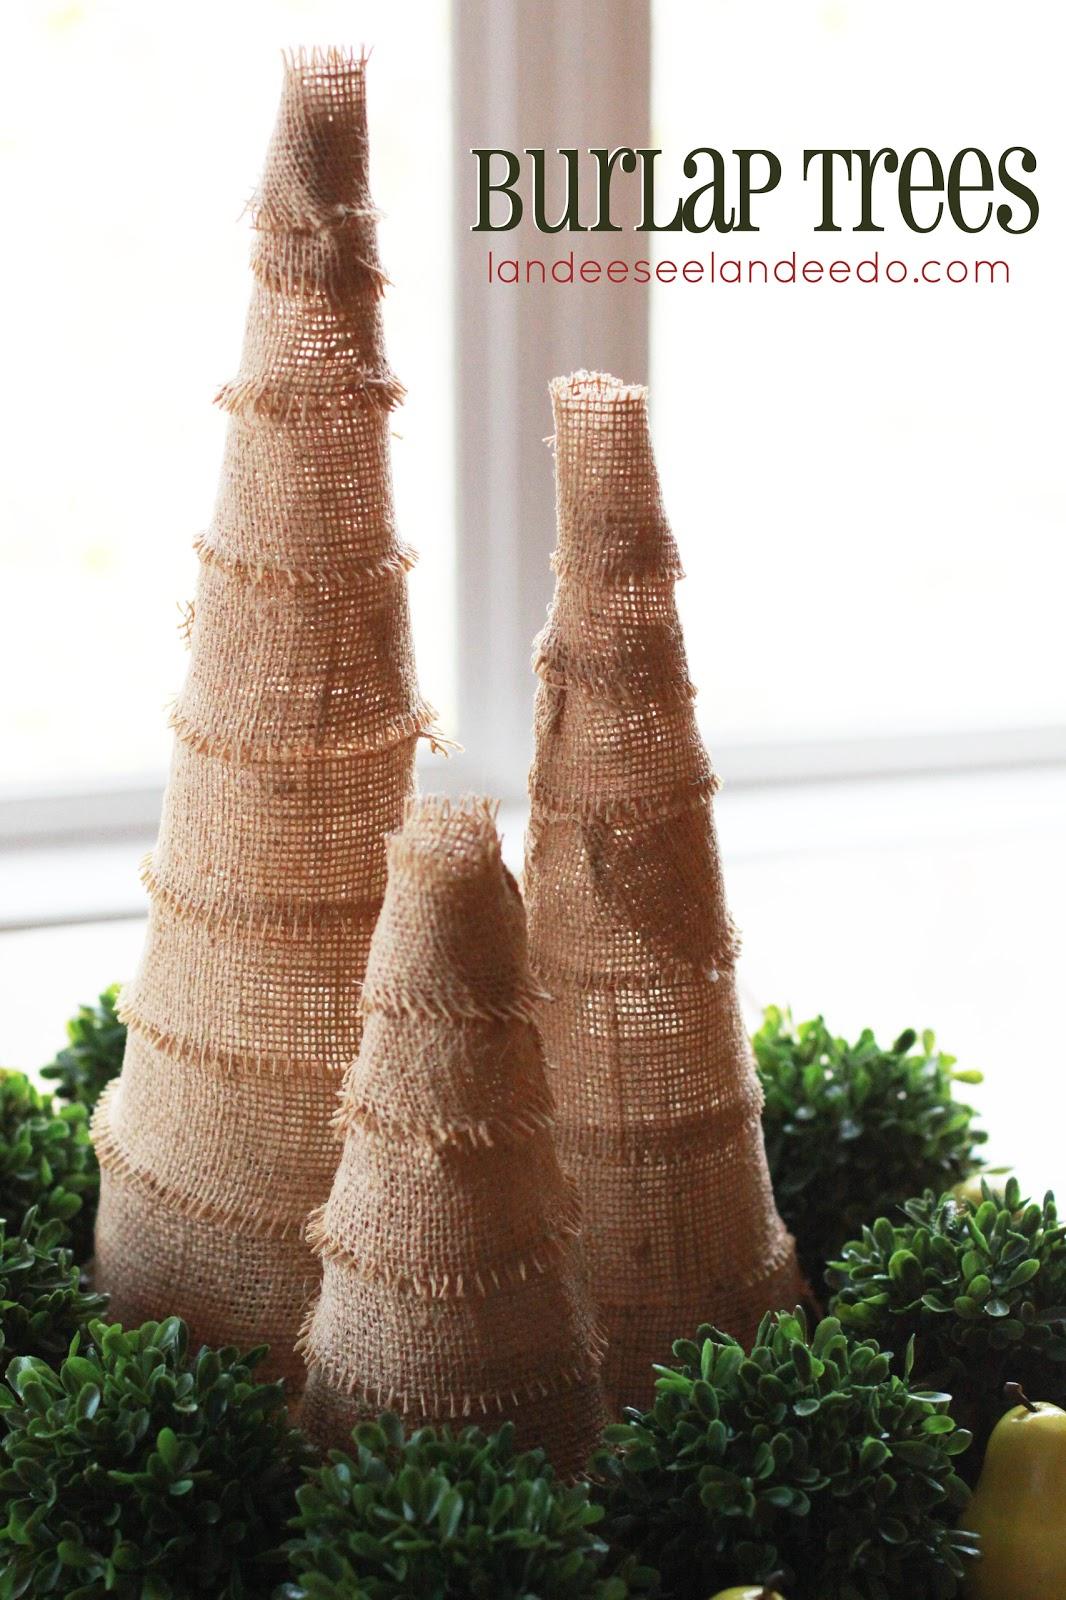 http://3.bp.blogspot.com/-wpQlInxtY7M/UJsKE60M0cI/AAAAAAAABw0/HV2wZdJeL3E/s1600/Burlap+Trees.jpg